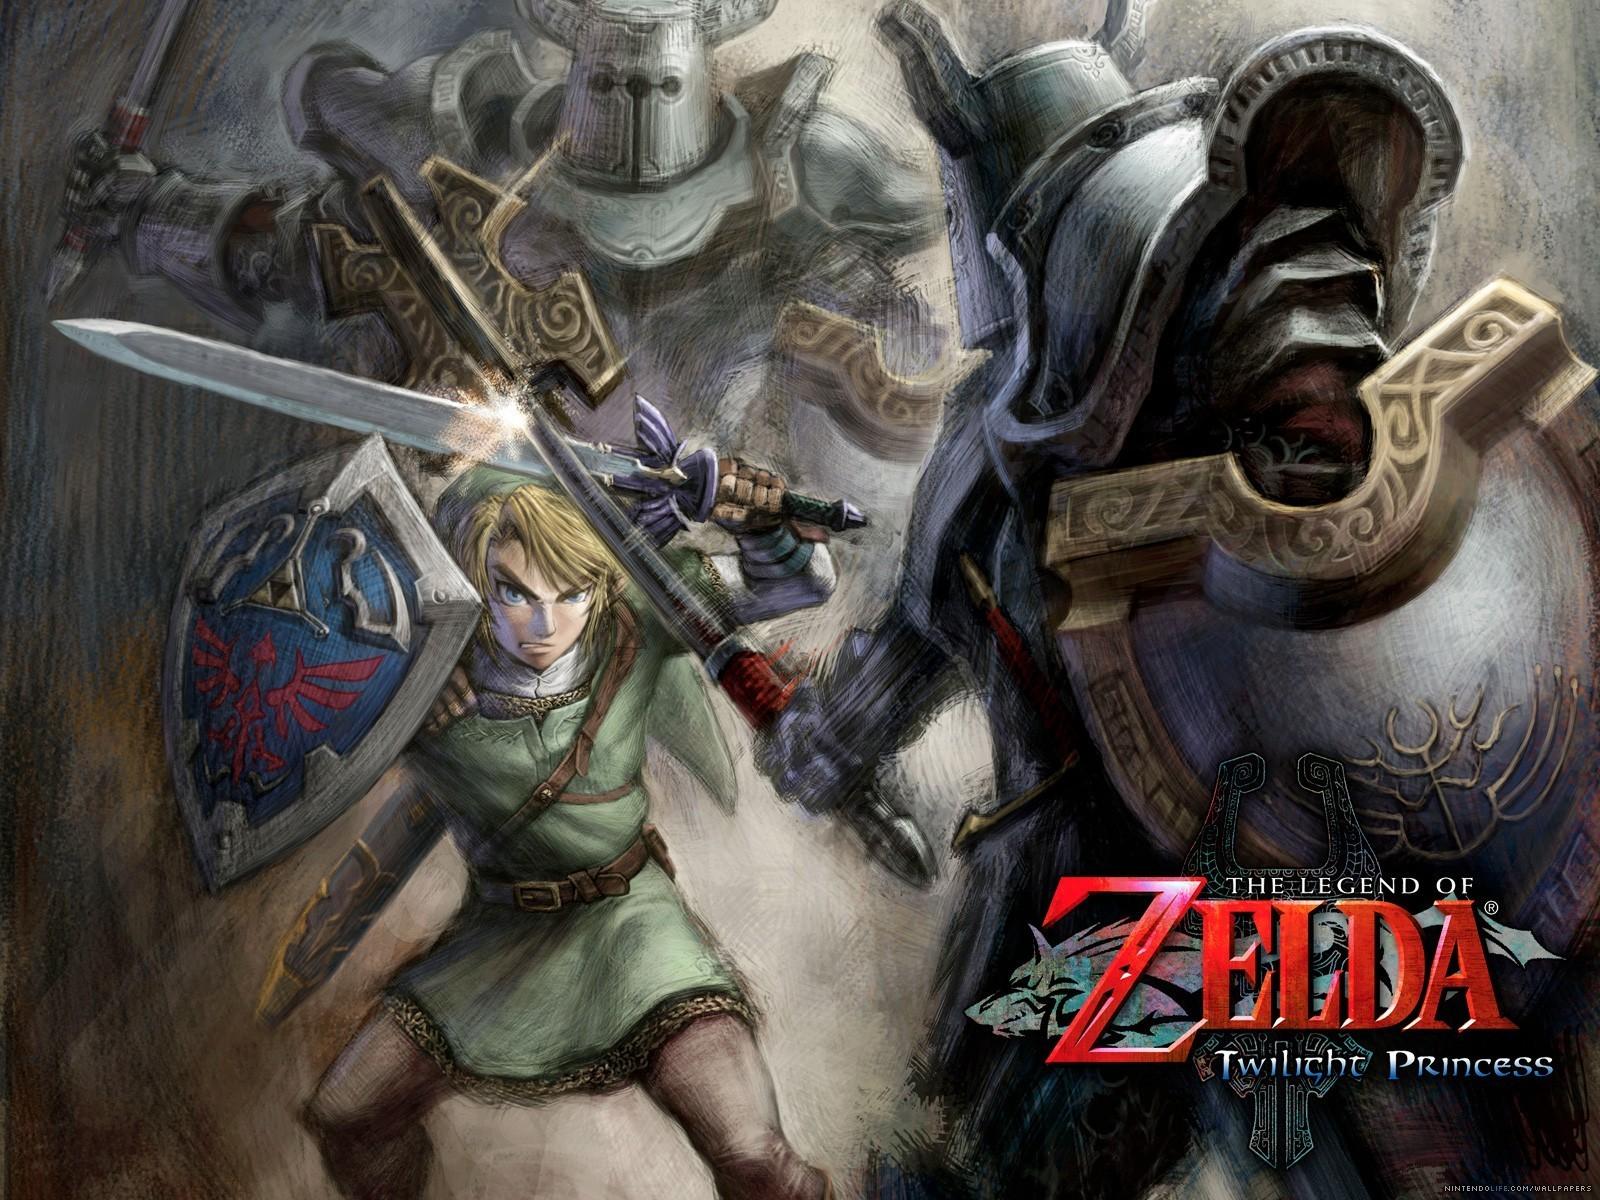 Legend Of Zelda Wallpaper The Legend Of Zelda 5433362 - Legend Of Zelda Twilight Princess Art Work - HD Wallpaper